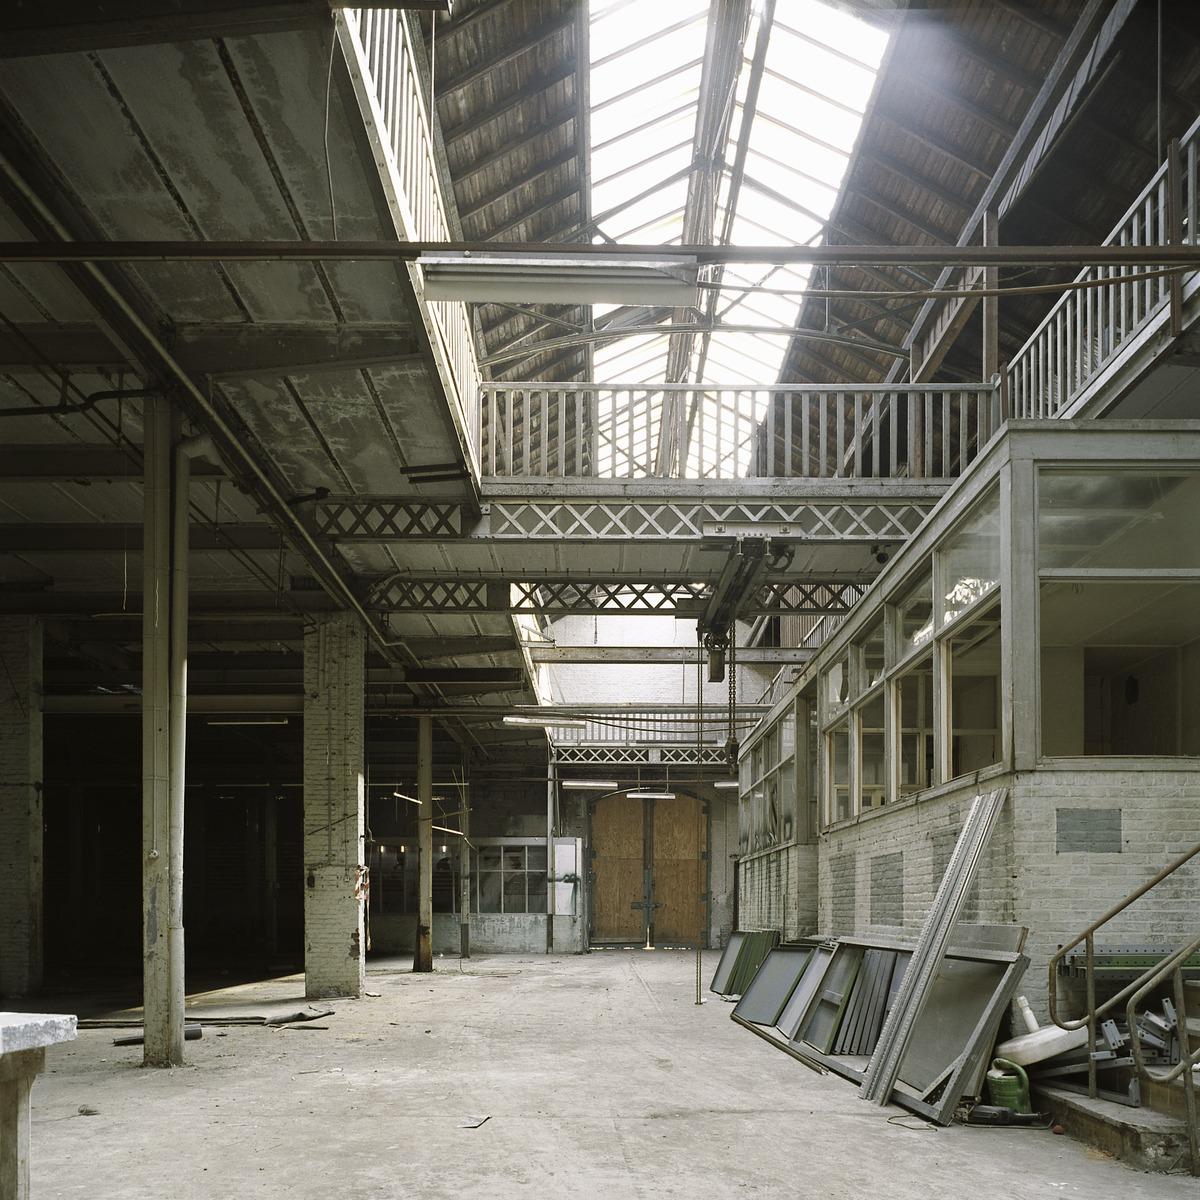 File interieur overzicht van een ruimte in de fabriekshal met zicht op de eerste verdieping en for Kantoorruimte